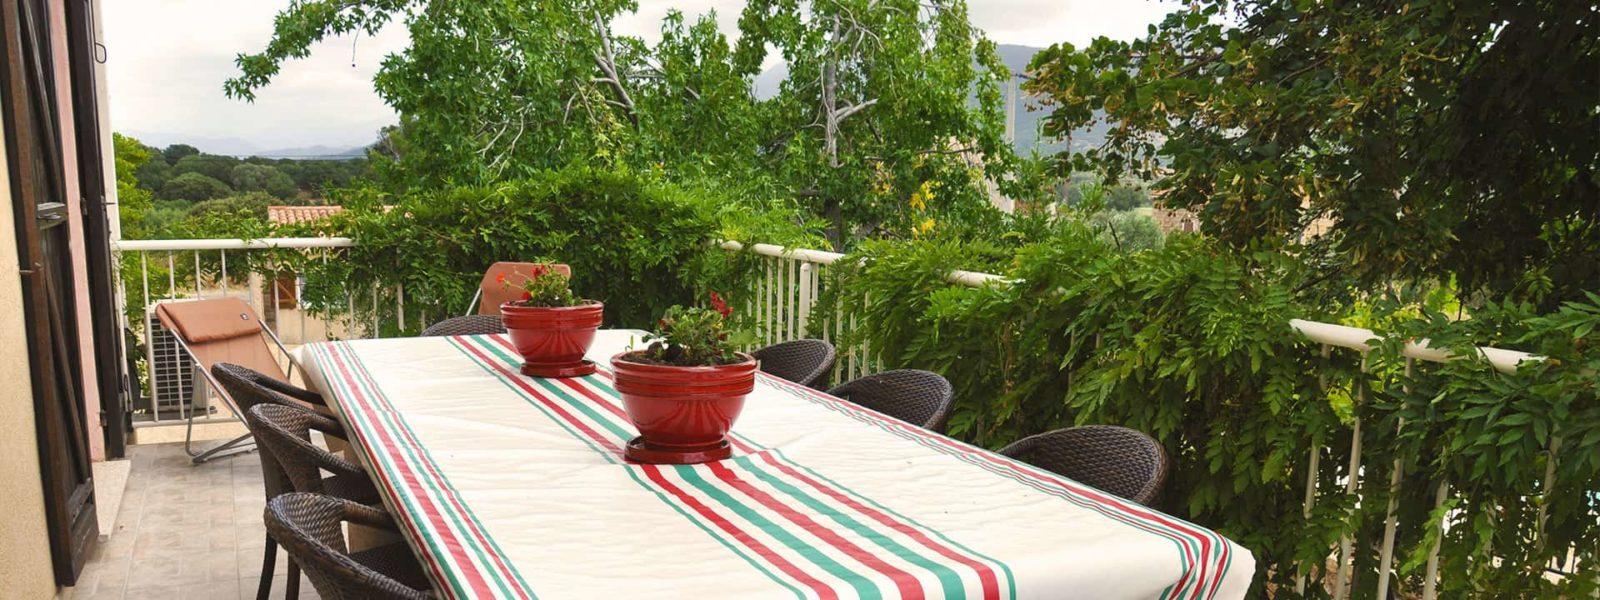 Location duplex pour 8 en Corse du Sud - Le Taravo, Casa Favalella